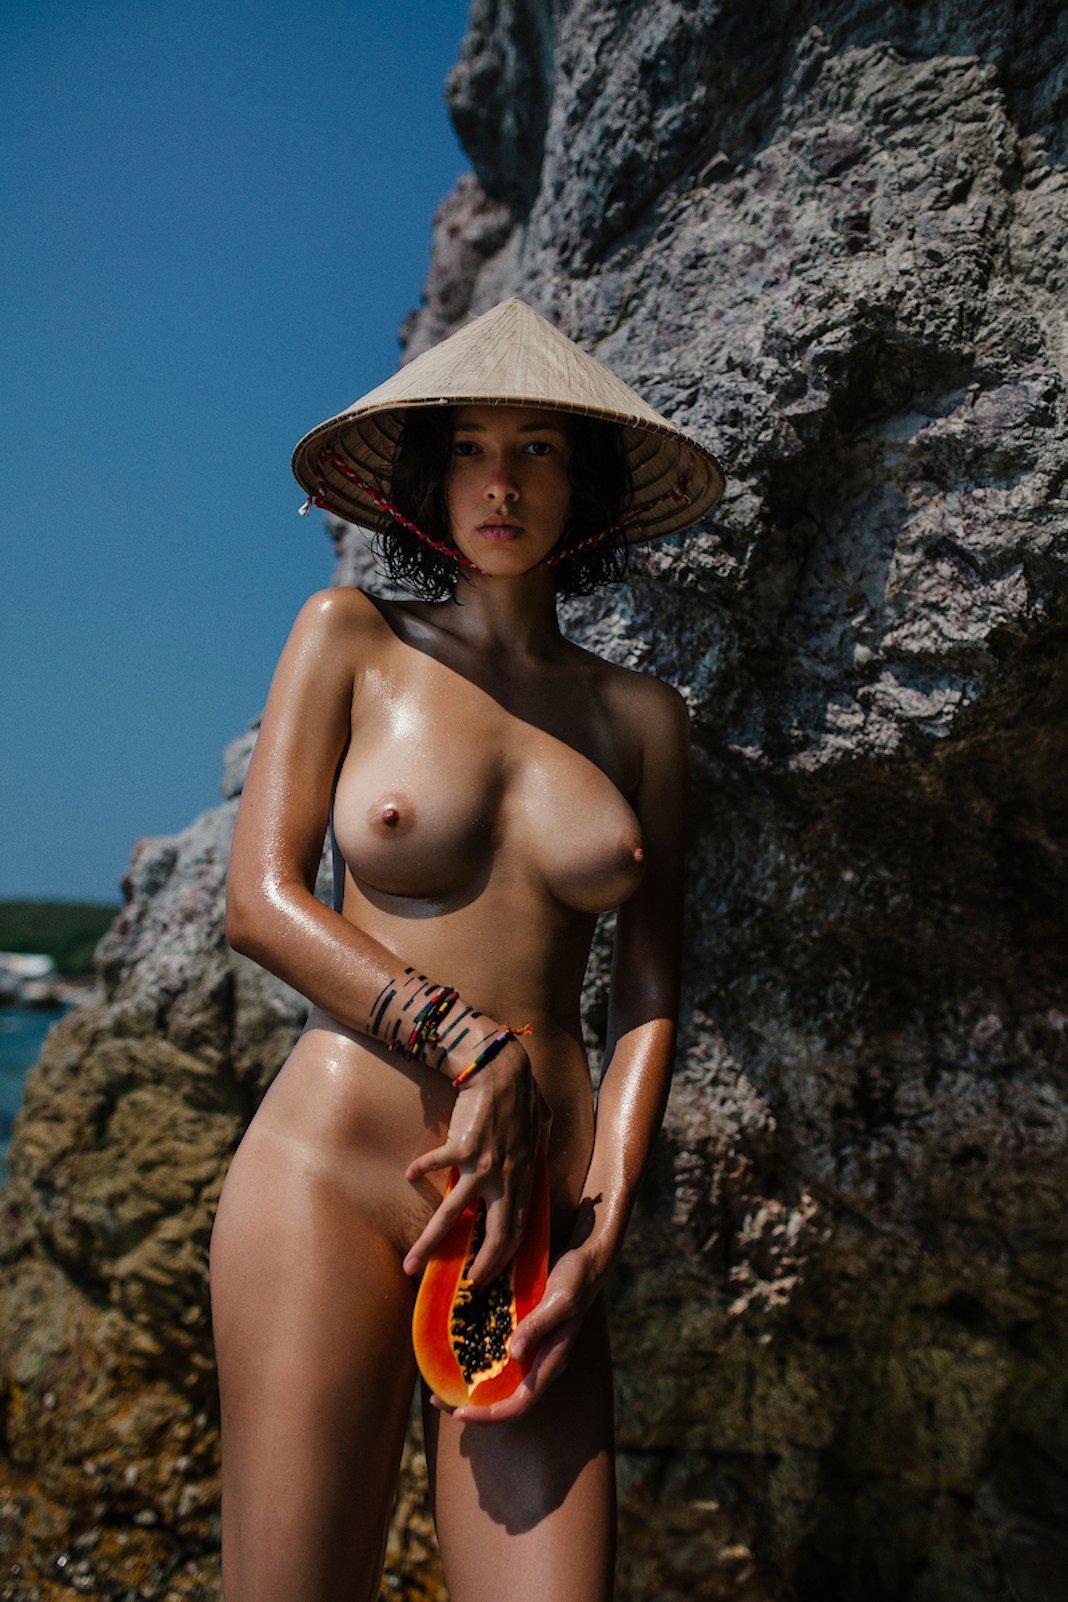 Vient enculer une jolie coquine de Nantes en webcams femmes